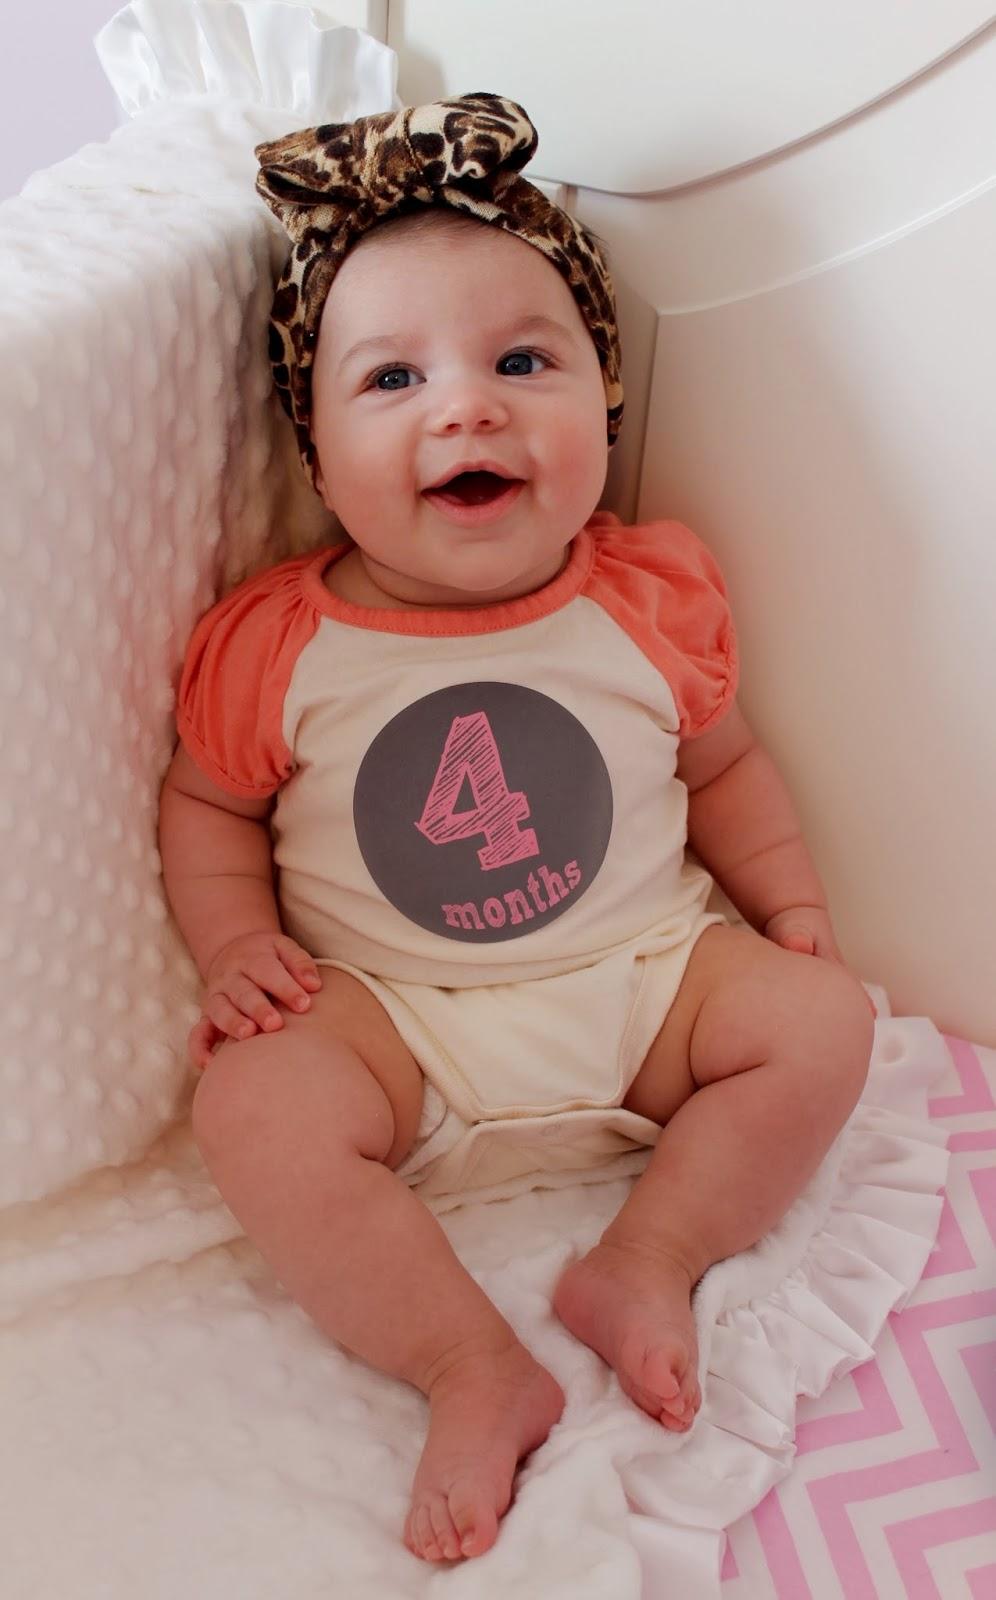 Peso do bebê com 4 meses